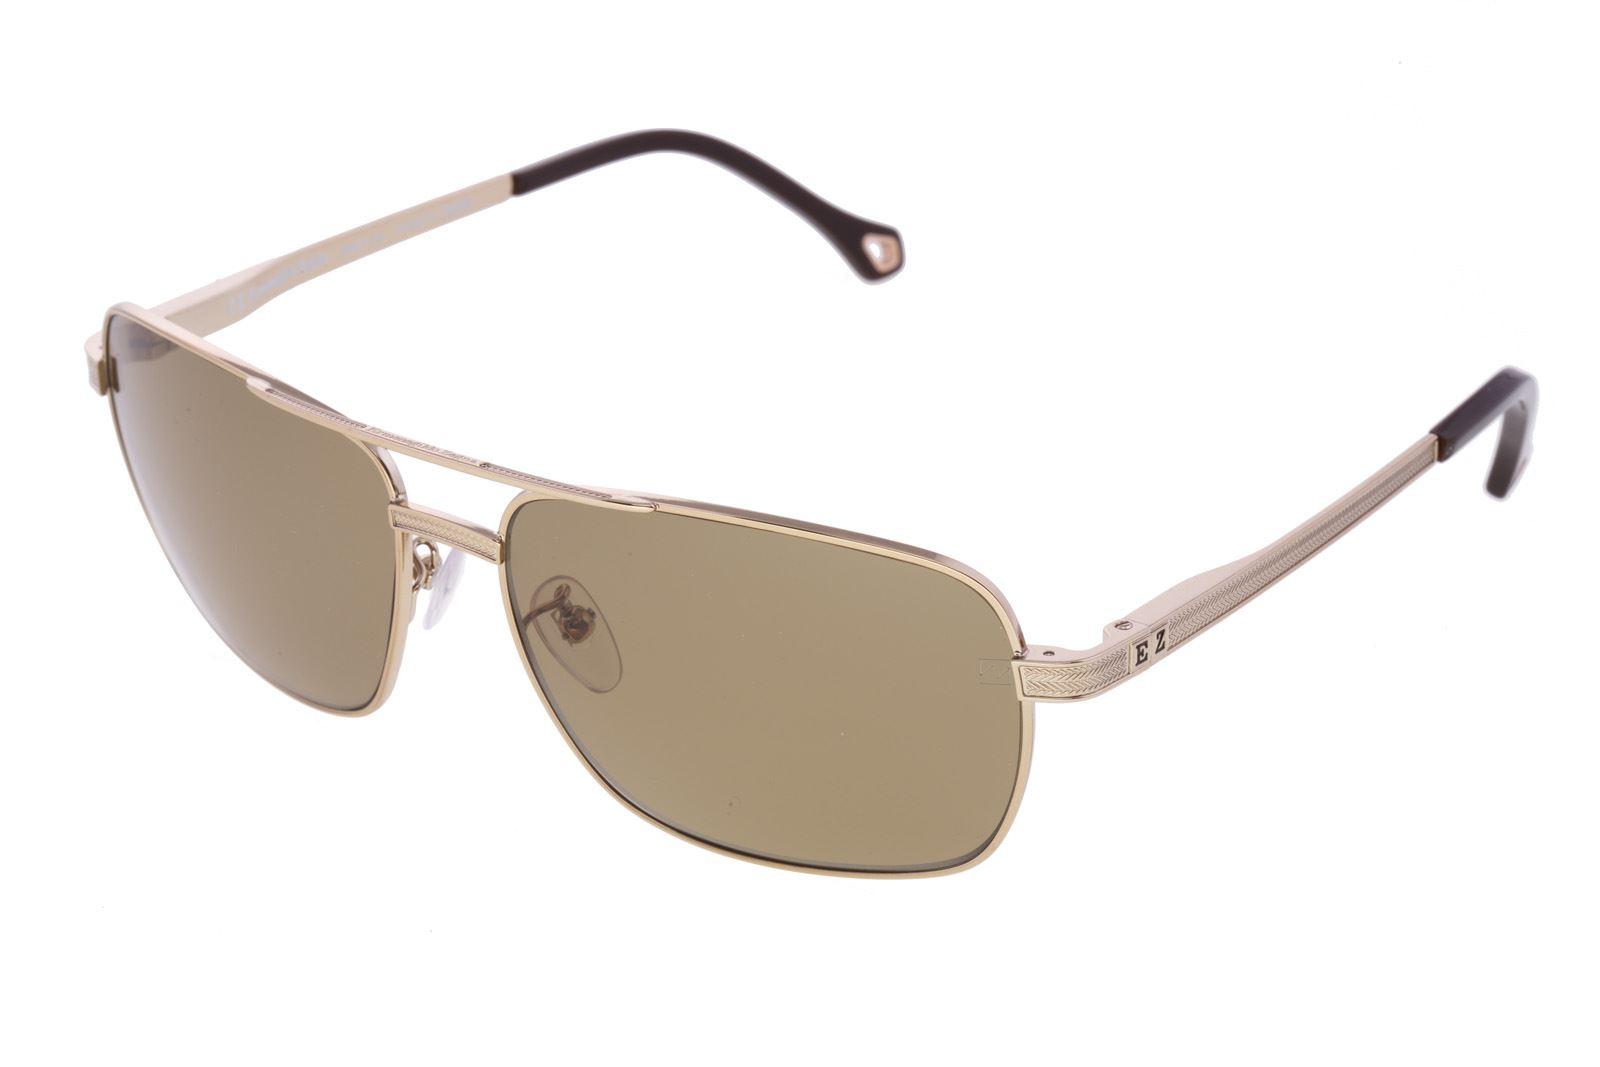 Mens Gold Frame Aviator Sunglasses : New E. ZEGNA SZ3281 8FFP Men Rectangle Gold Frame Aviator ...